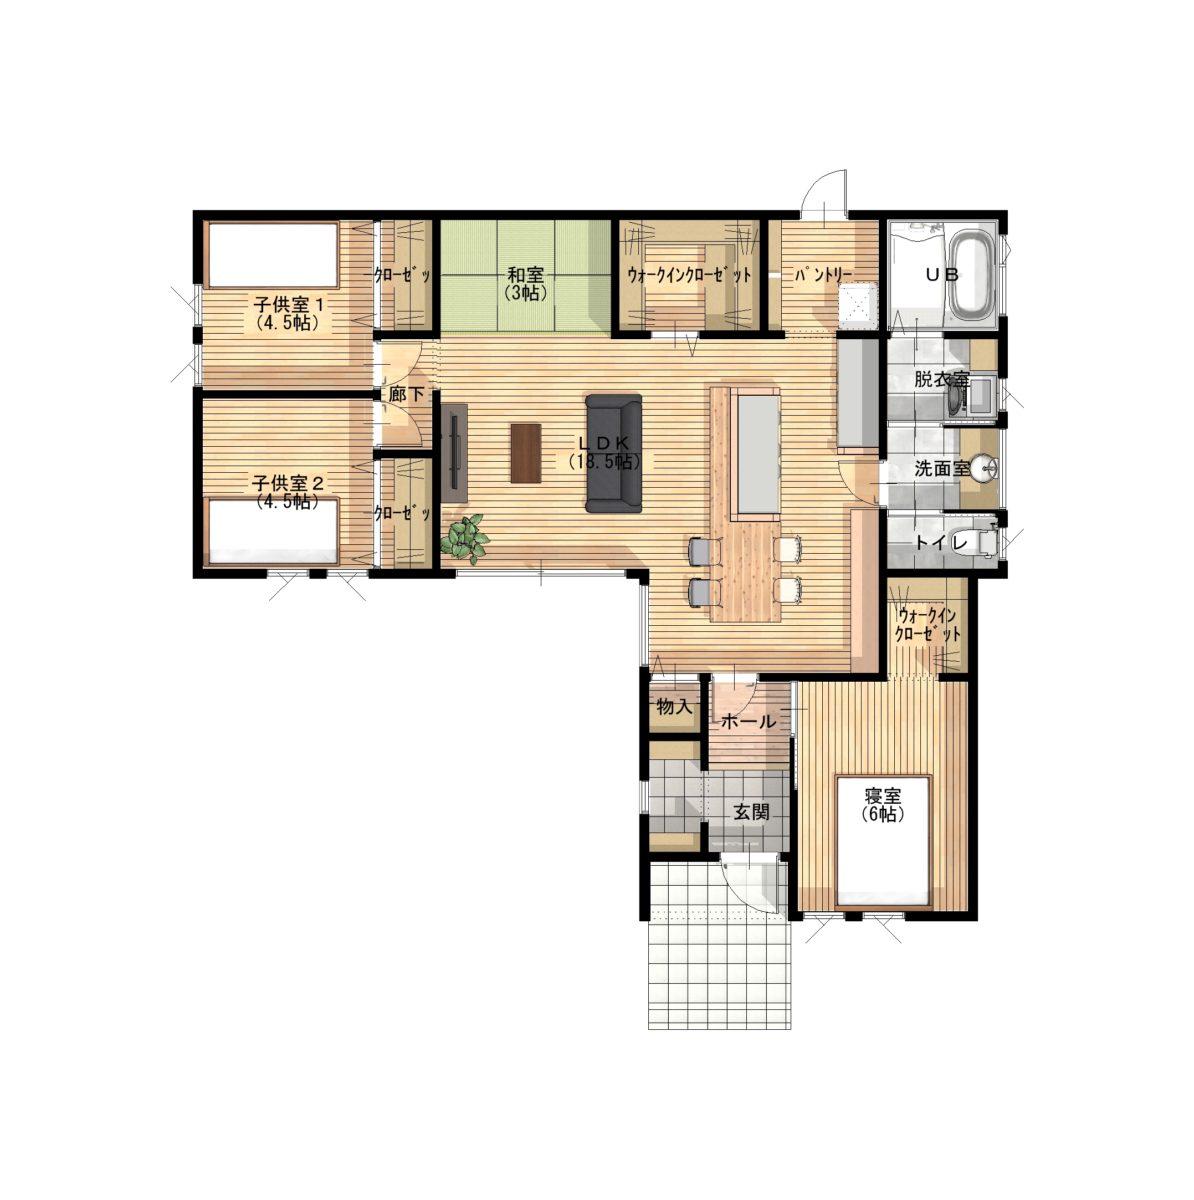 造作タイニングテーブル&カウンターがお洒落な平屋間取り図1